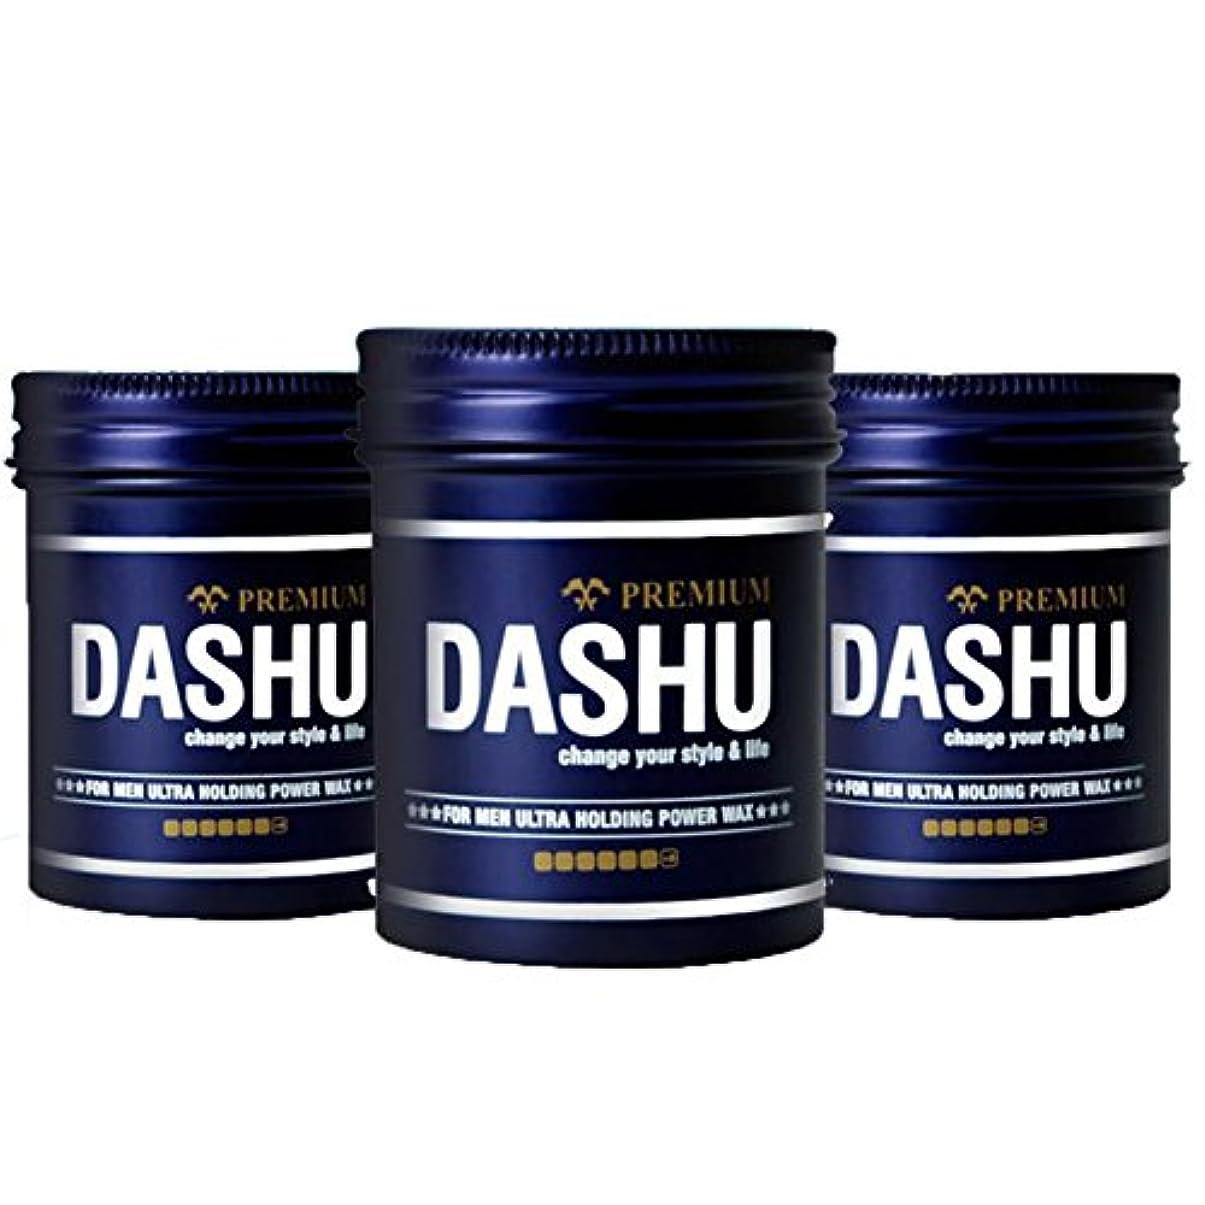 引き受ける作り上げるキャリッジ(3個セット) x [DASHU] ダシュ For Men男性用 プレミアムウルトラホールディングパワーワックス Premium Ultra Holding Power Hair Wax 100m l/ 韓国製 . 韓国直送品